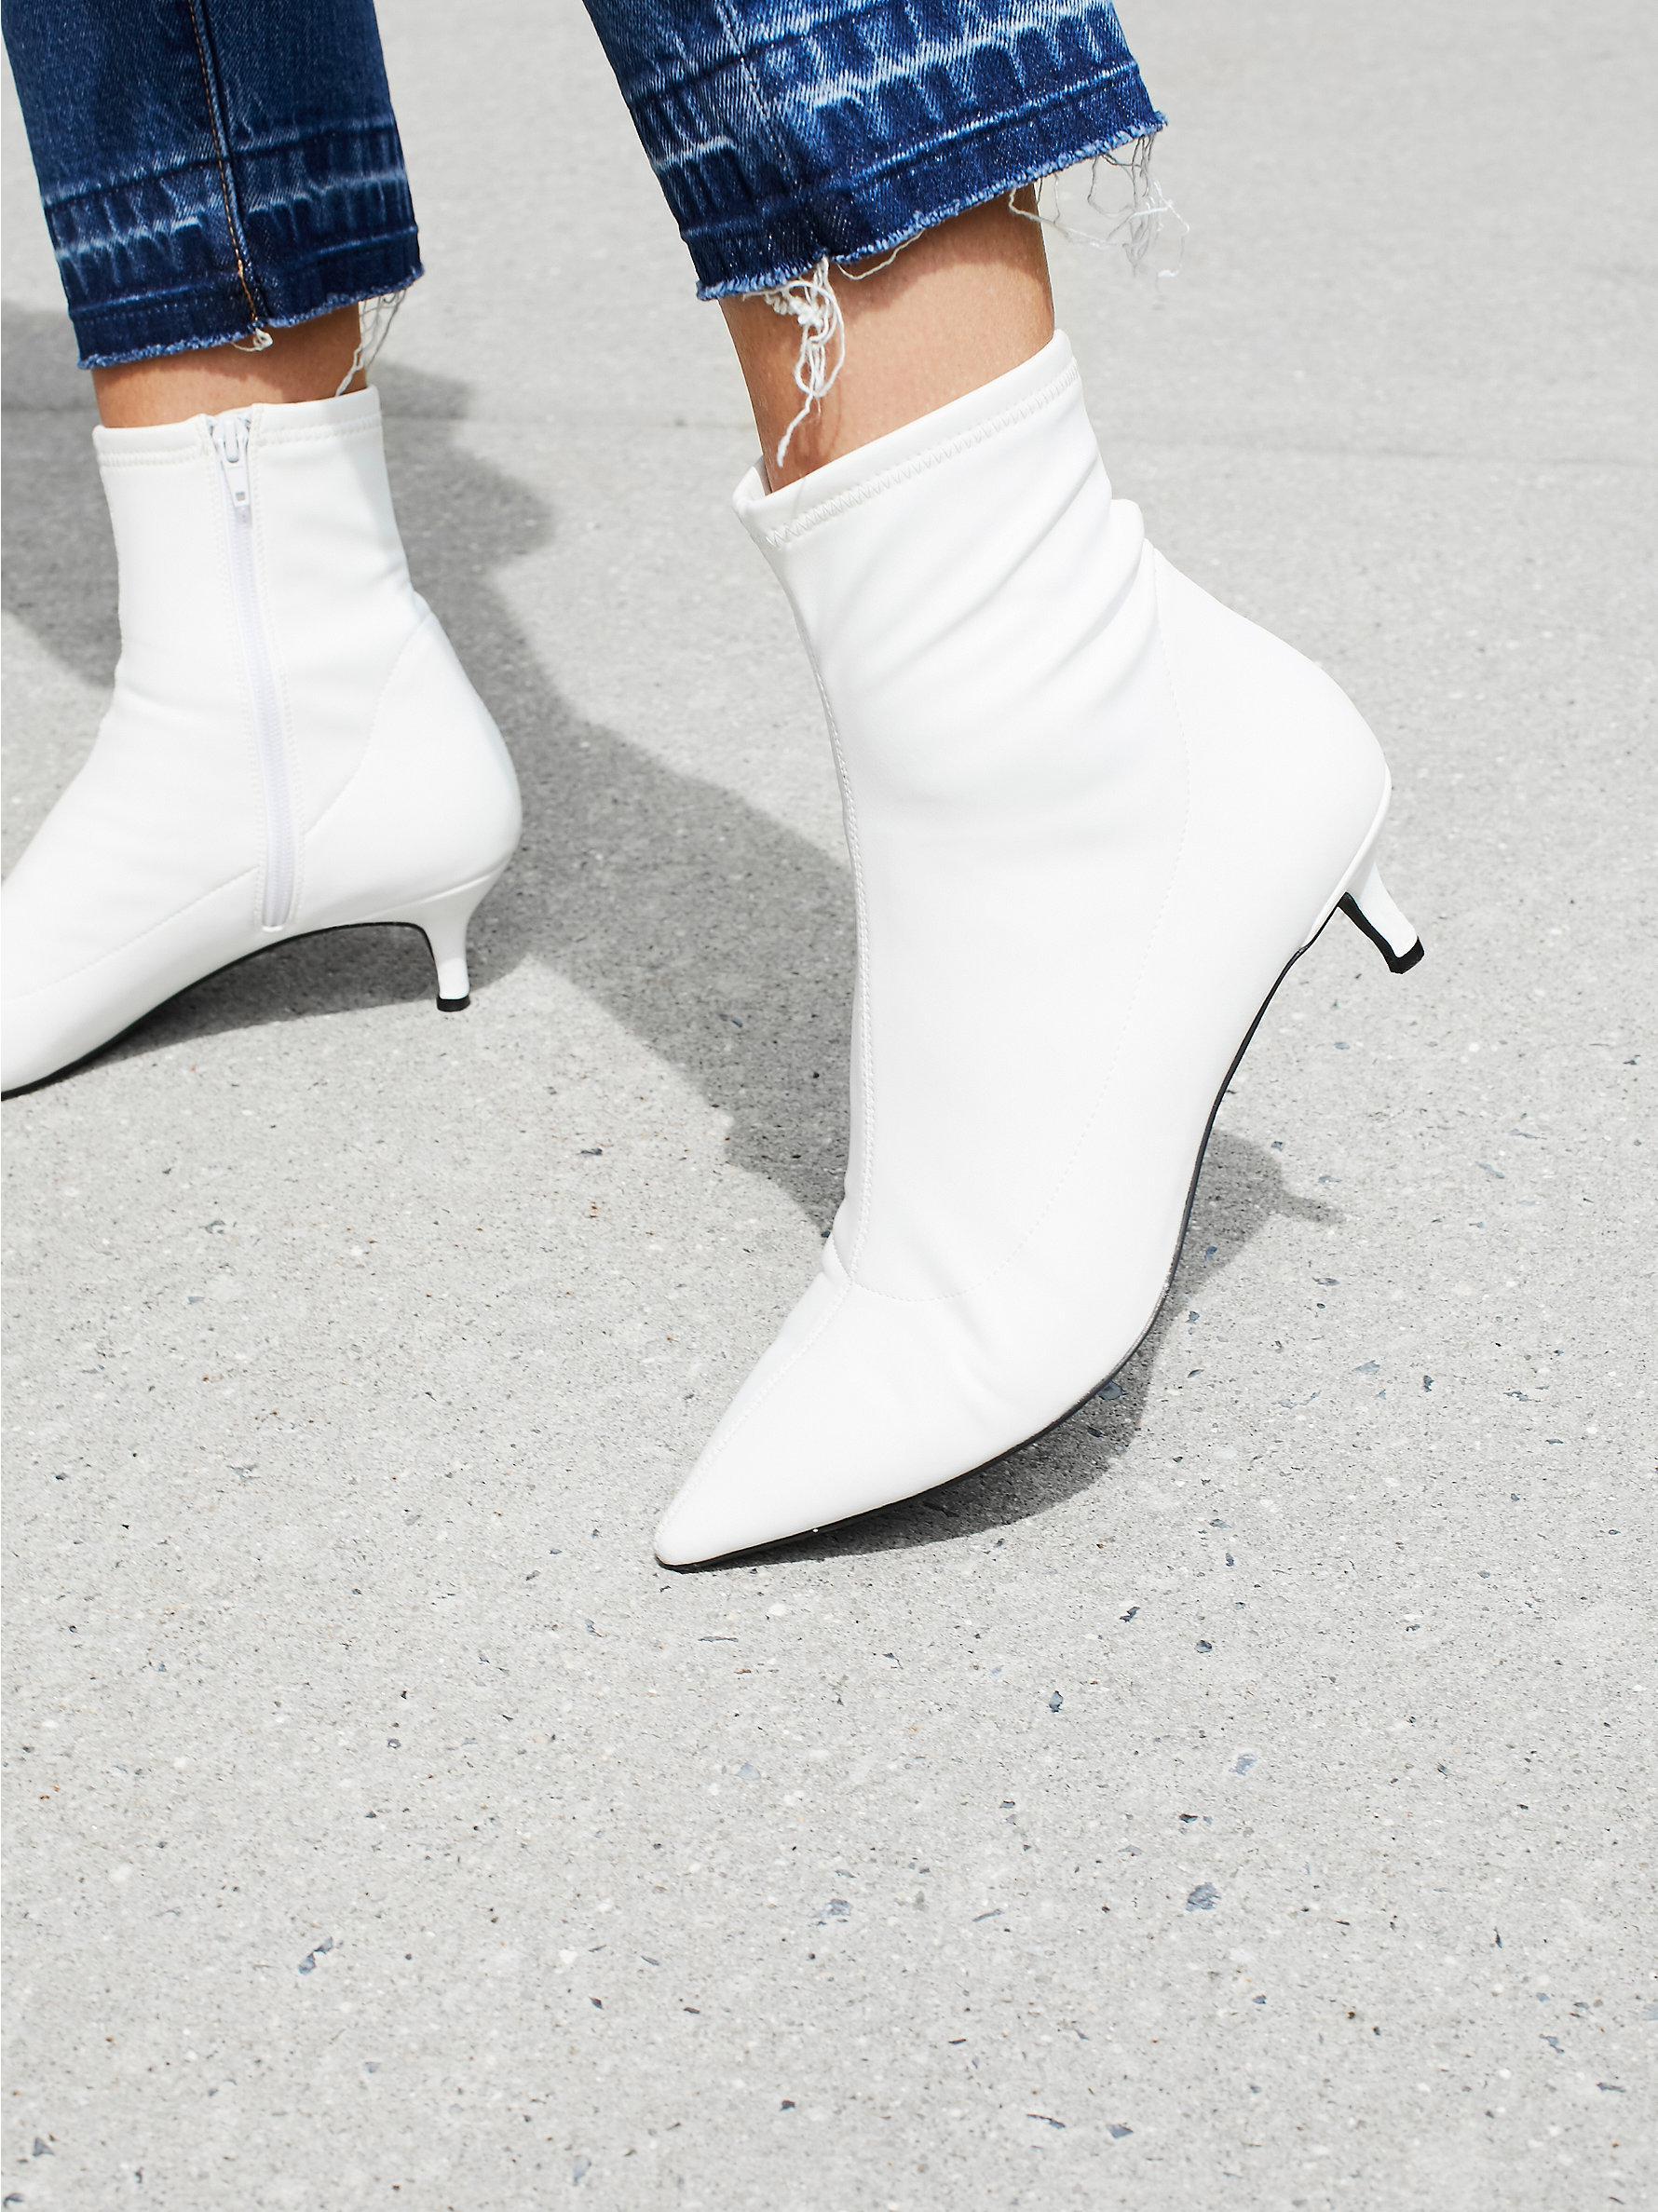 9b1deaaedb Free People Marilyn Kitten Heel Boot in White - Lyst